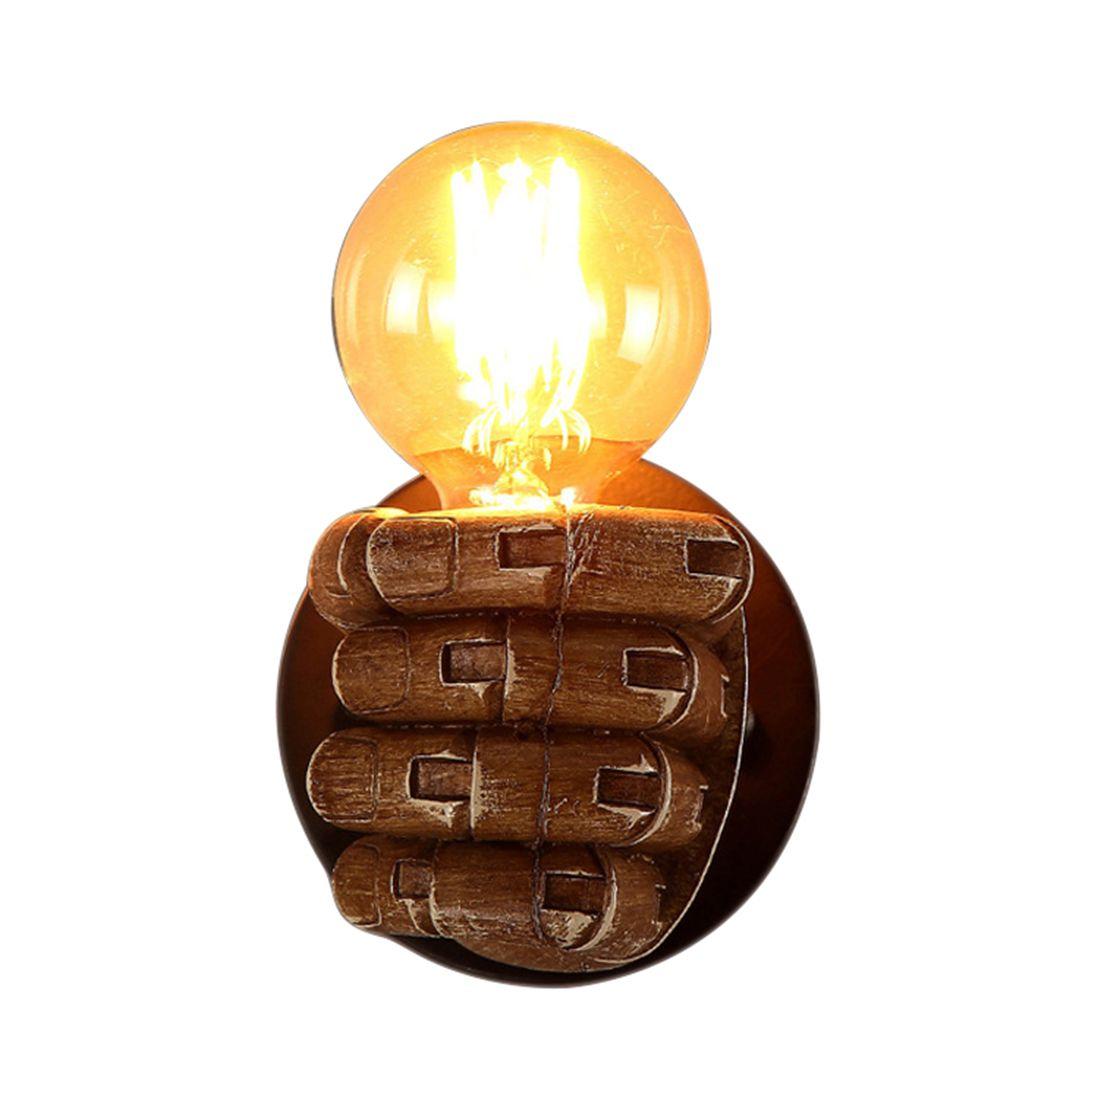 1 paire de Gauche et Droit Main Rétro Creative Fist Résine Mur Lampe Loft Industriel Lampe de Style Sushi Restaurant Bar restaurant